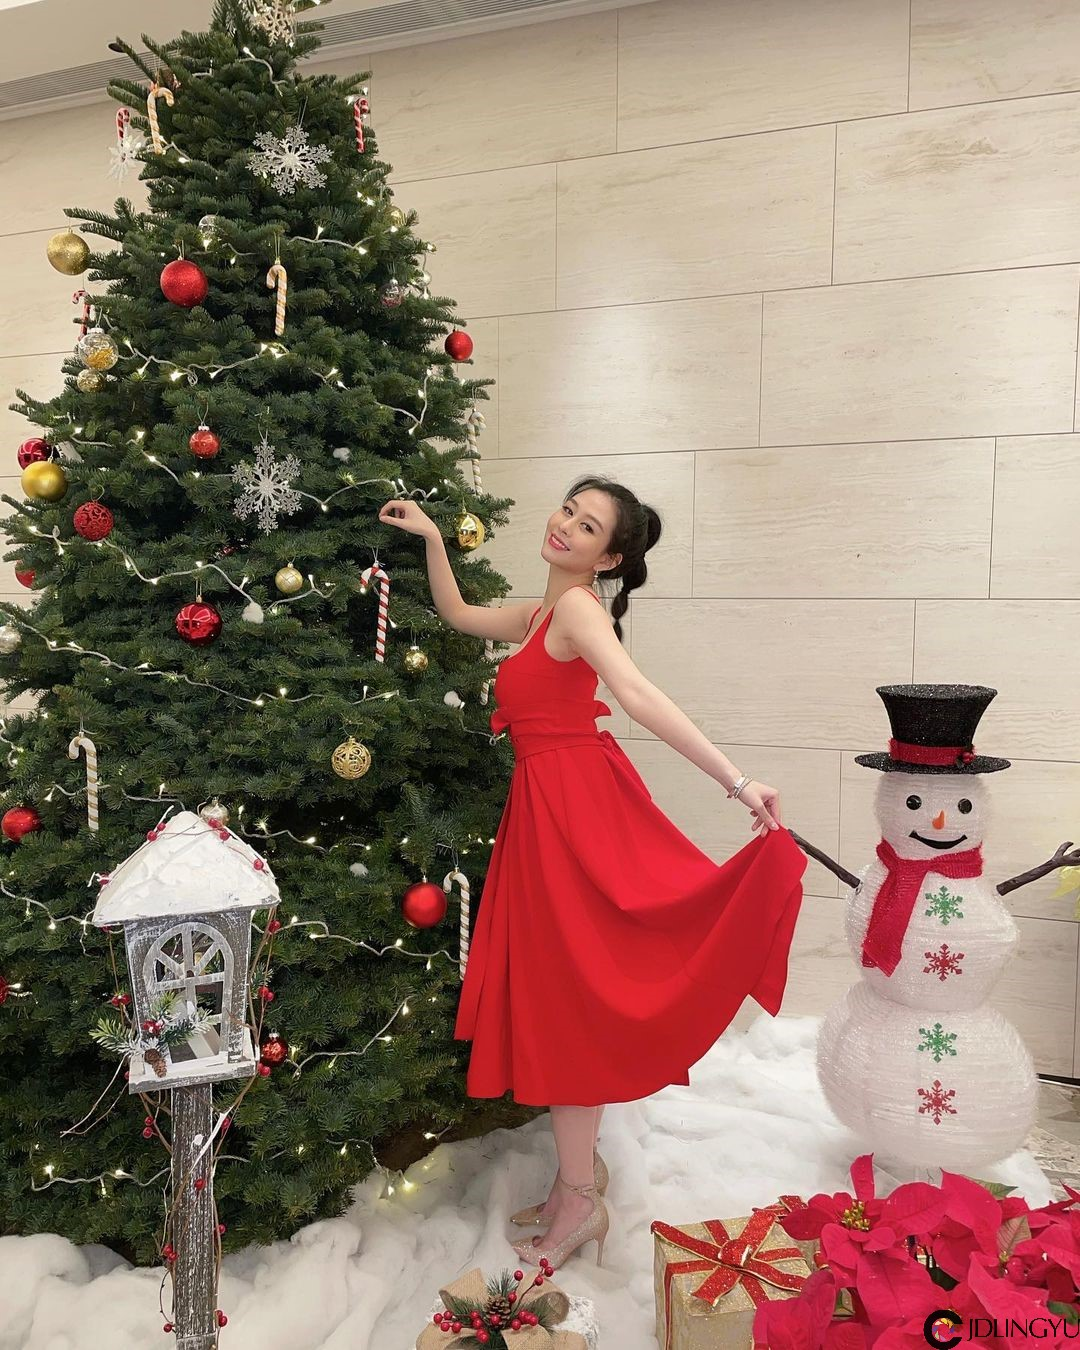 邱淑贞女儿「沈月」继承妈妈女神风范 大红洋装展现小女人的性感